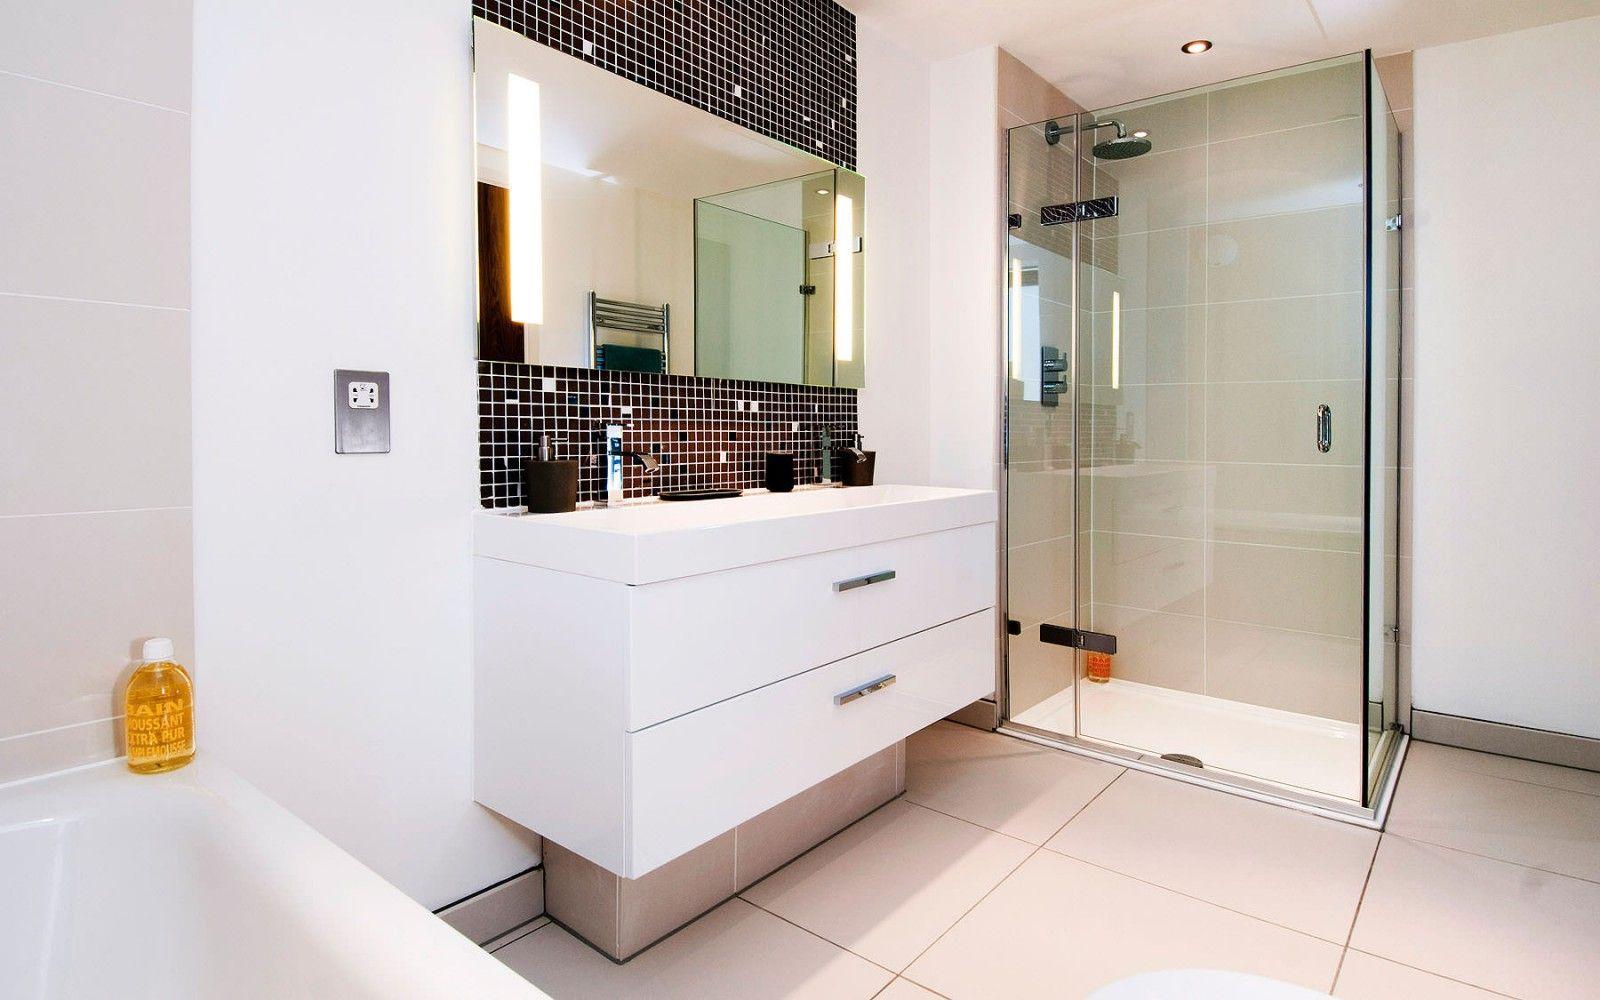 Cool Basement Bathroom Ideas  Small Basement Bathroom Floor Plans Enchanting Small Basement Bathroom Ideas Design Inspiration